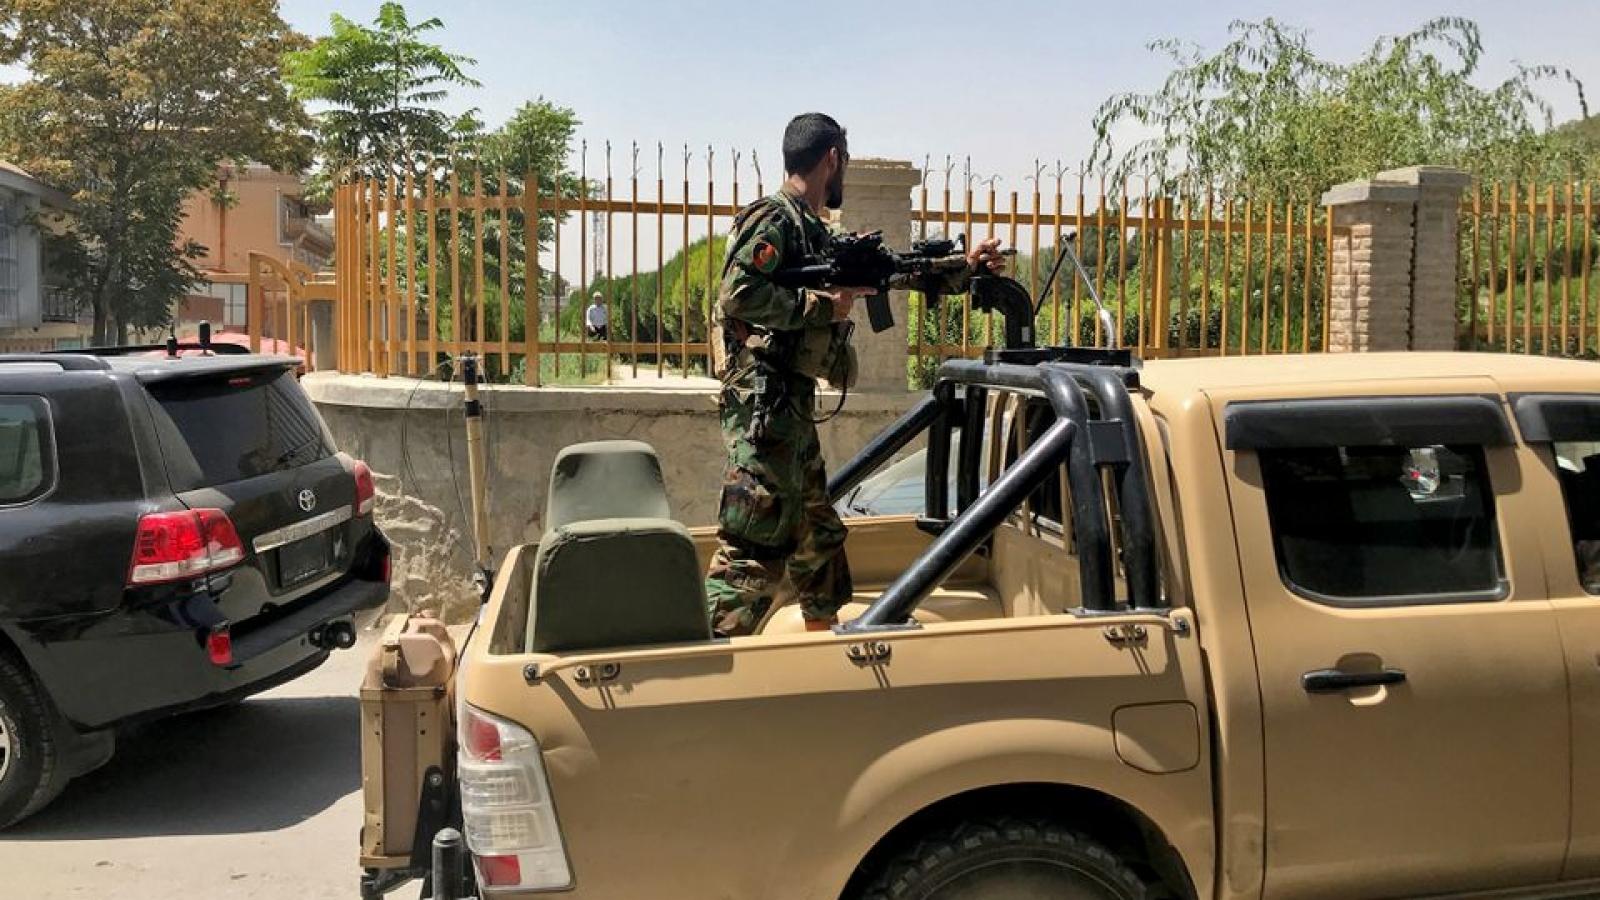 Afghanistan chuyển giao chính trị, cựu Bộ trưởng Nội vụ sẽ đứng đầu chính quyền lâm thời?